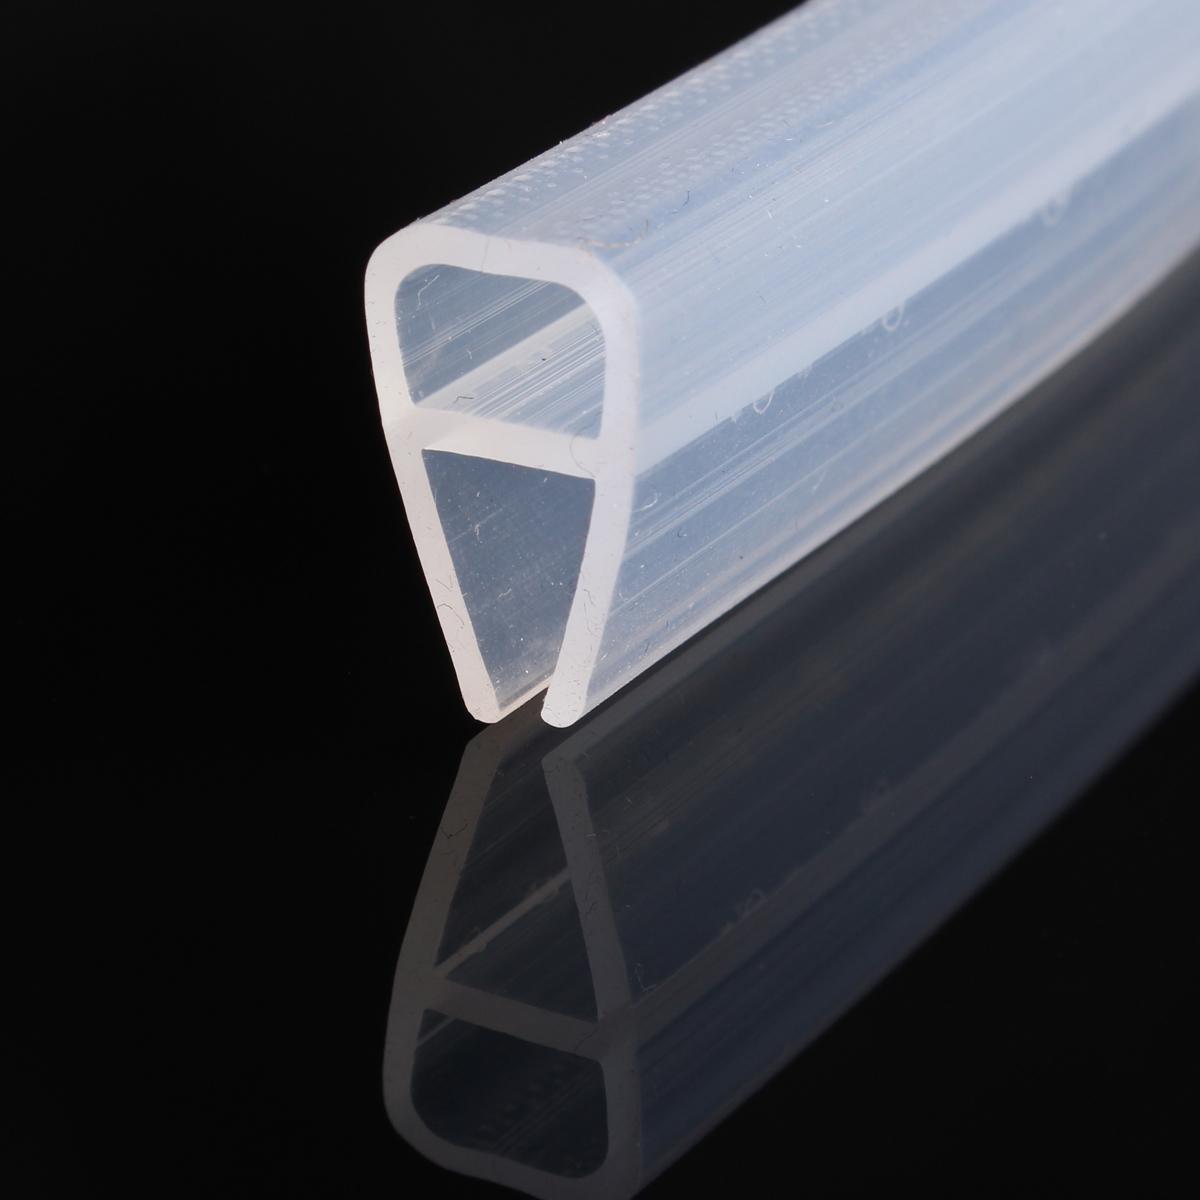 2m Shower Screen Seal Strip Plastic Rubber For Bath Room Door Window